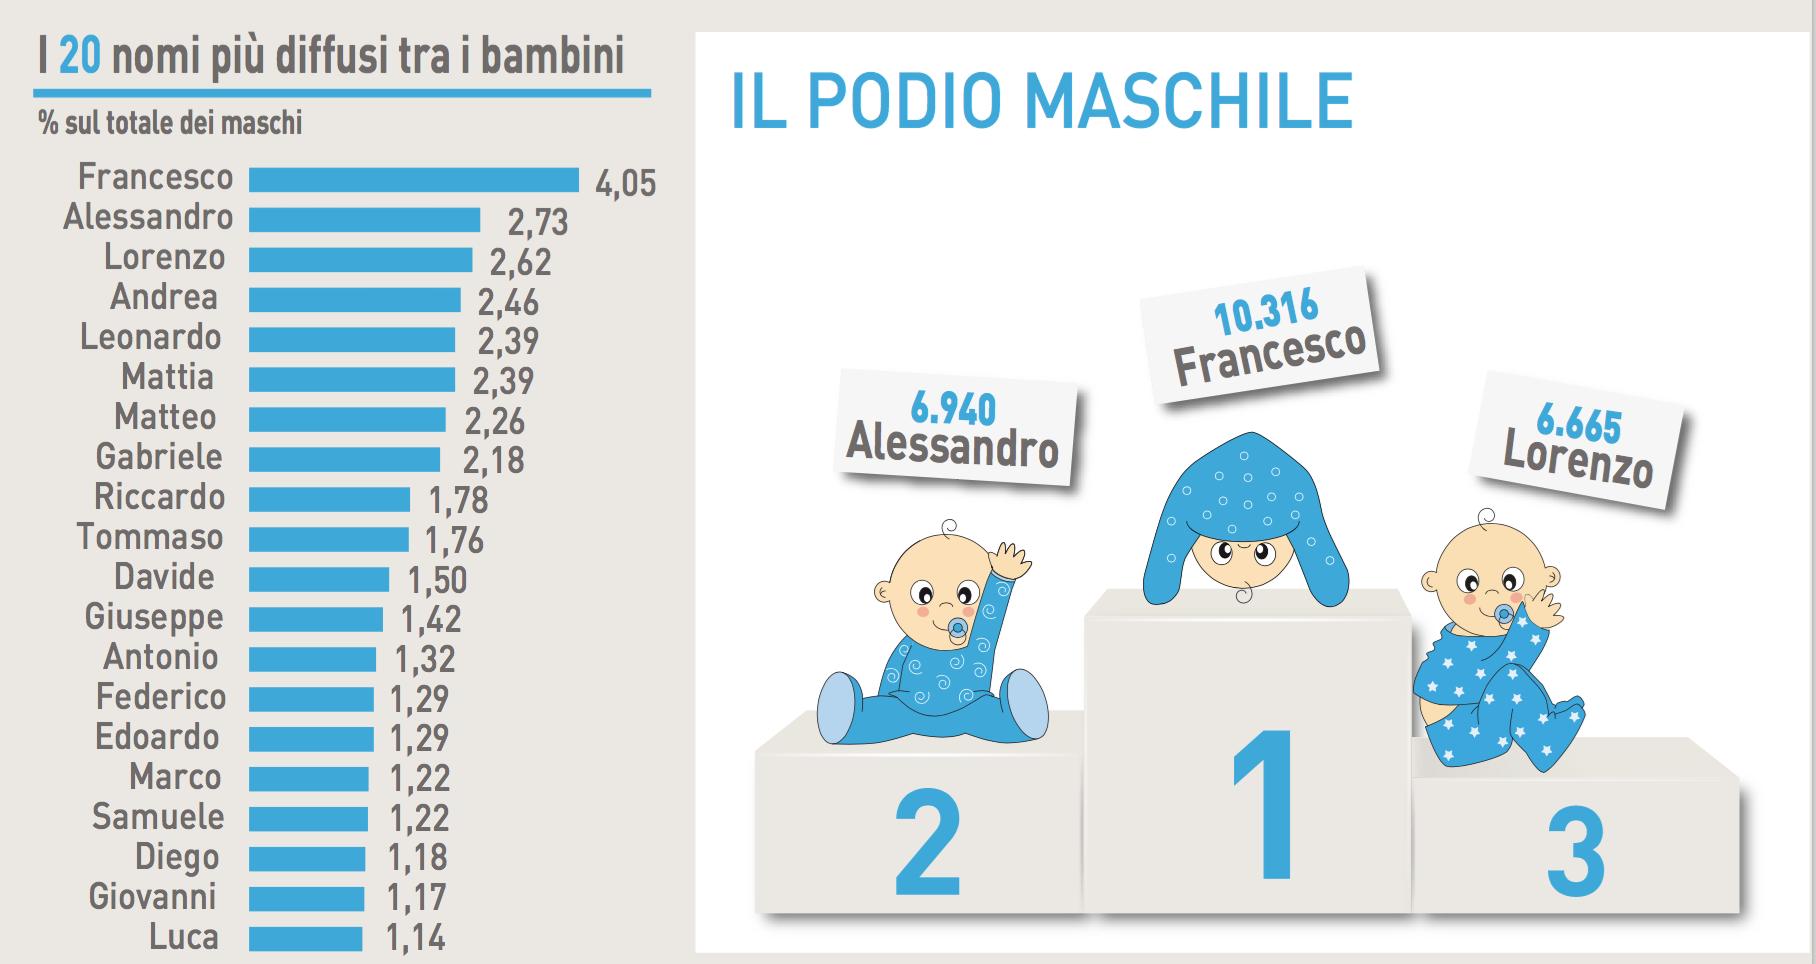 I 60 mila nomi dei neonati italiani il blog di diego martone for Nomi dei politici italiani